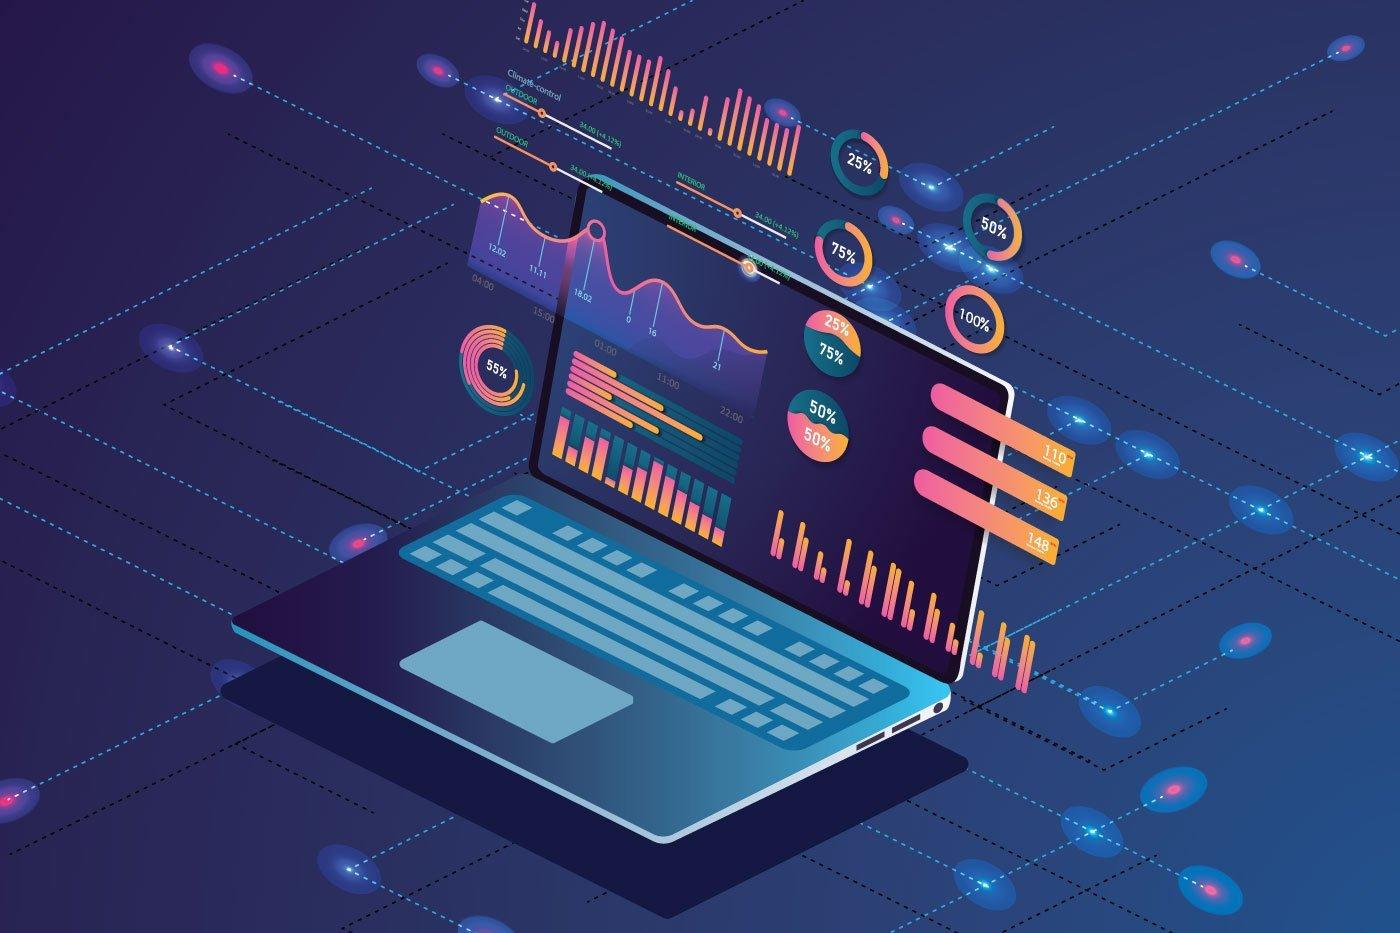 Analytics - Data